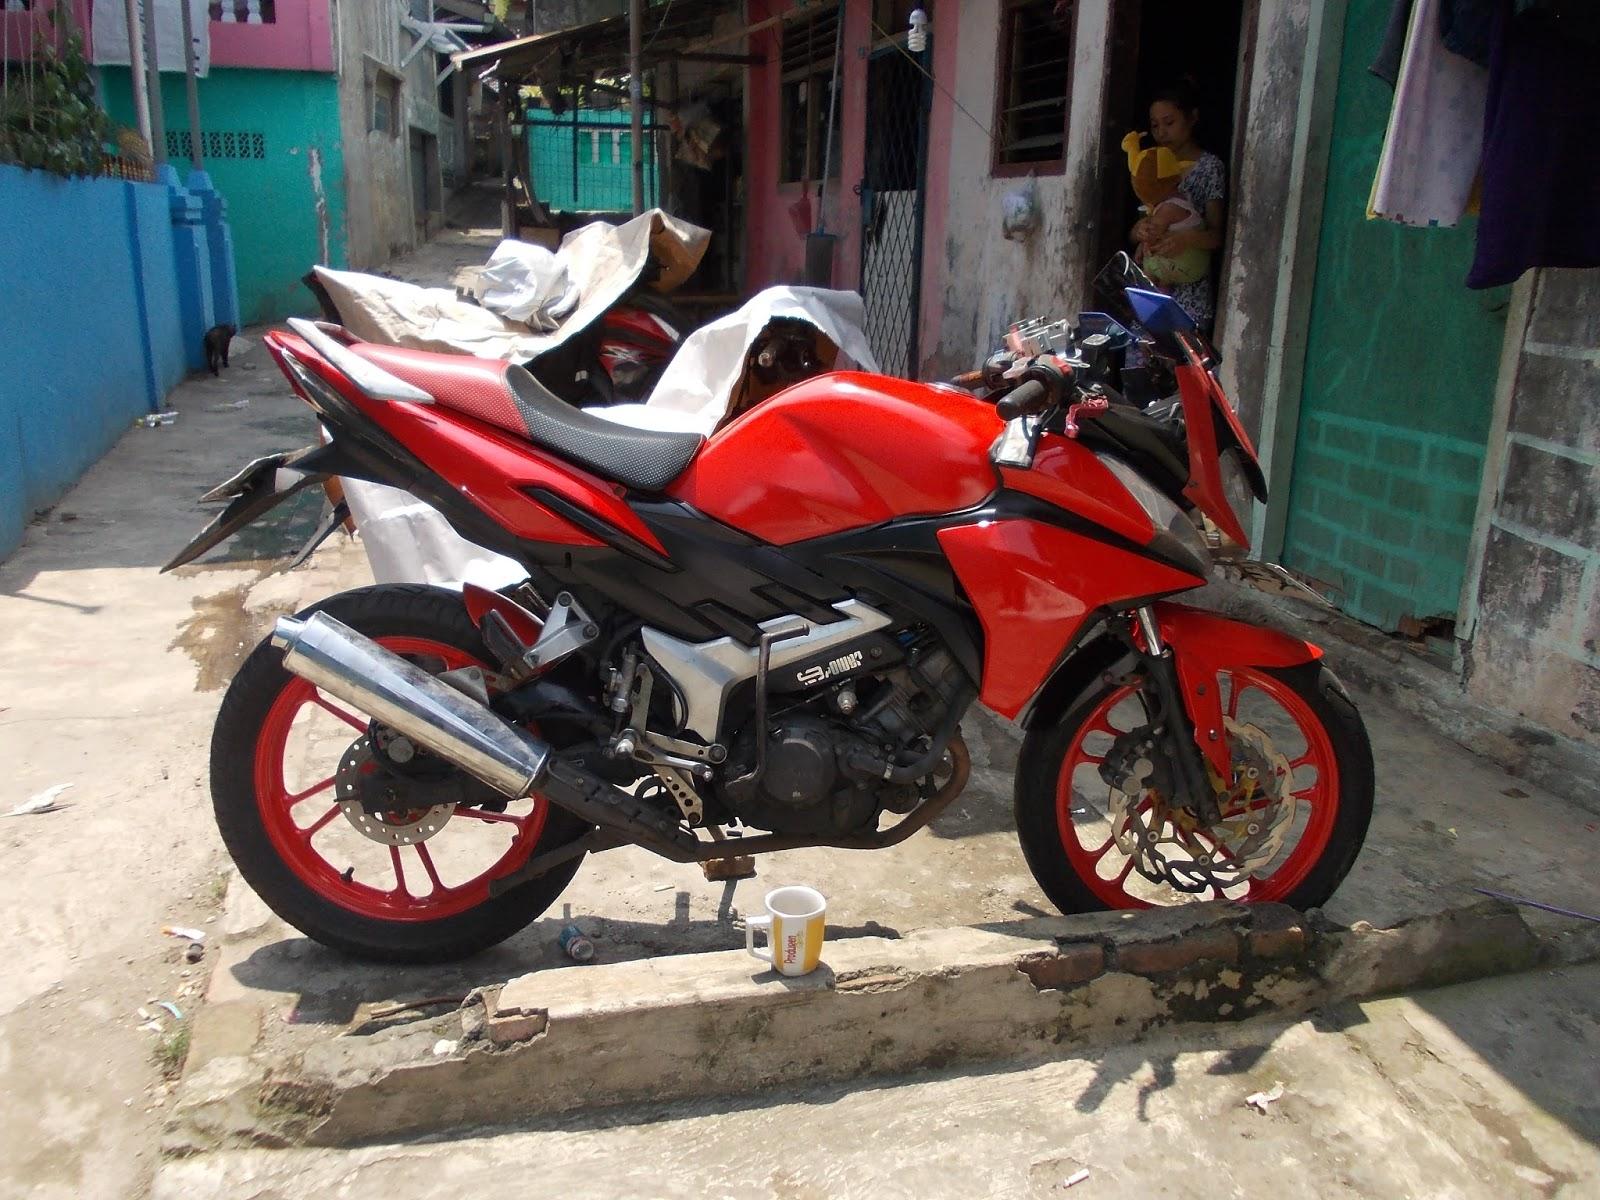 ANGGA BADAY Honda CS1 Modifikasi By RSB Motor Speed Style Shop